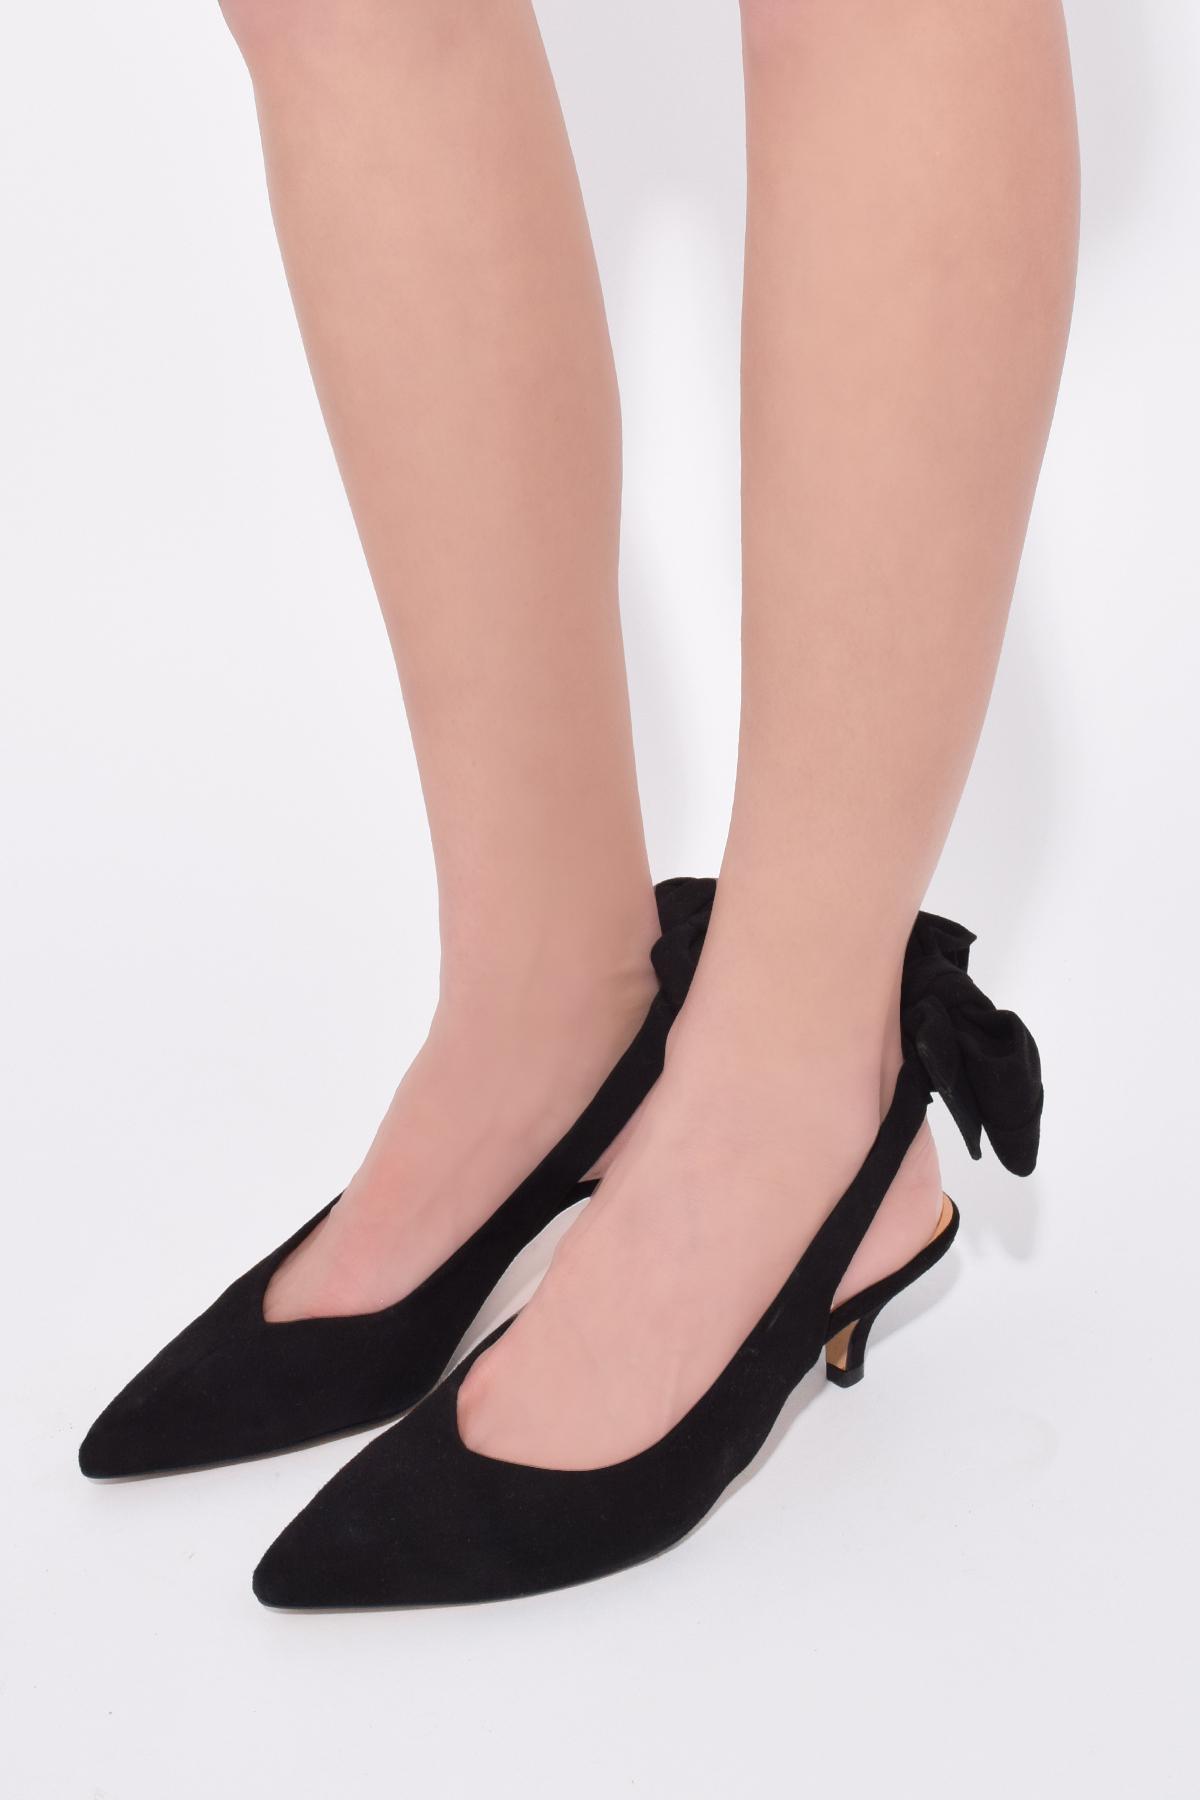 72a3886f4d5b Ganni - Bow Kitten Heel Pumps In Black - Lyst. View fullscreen